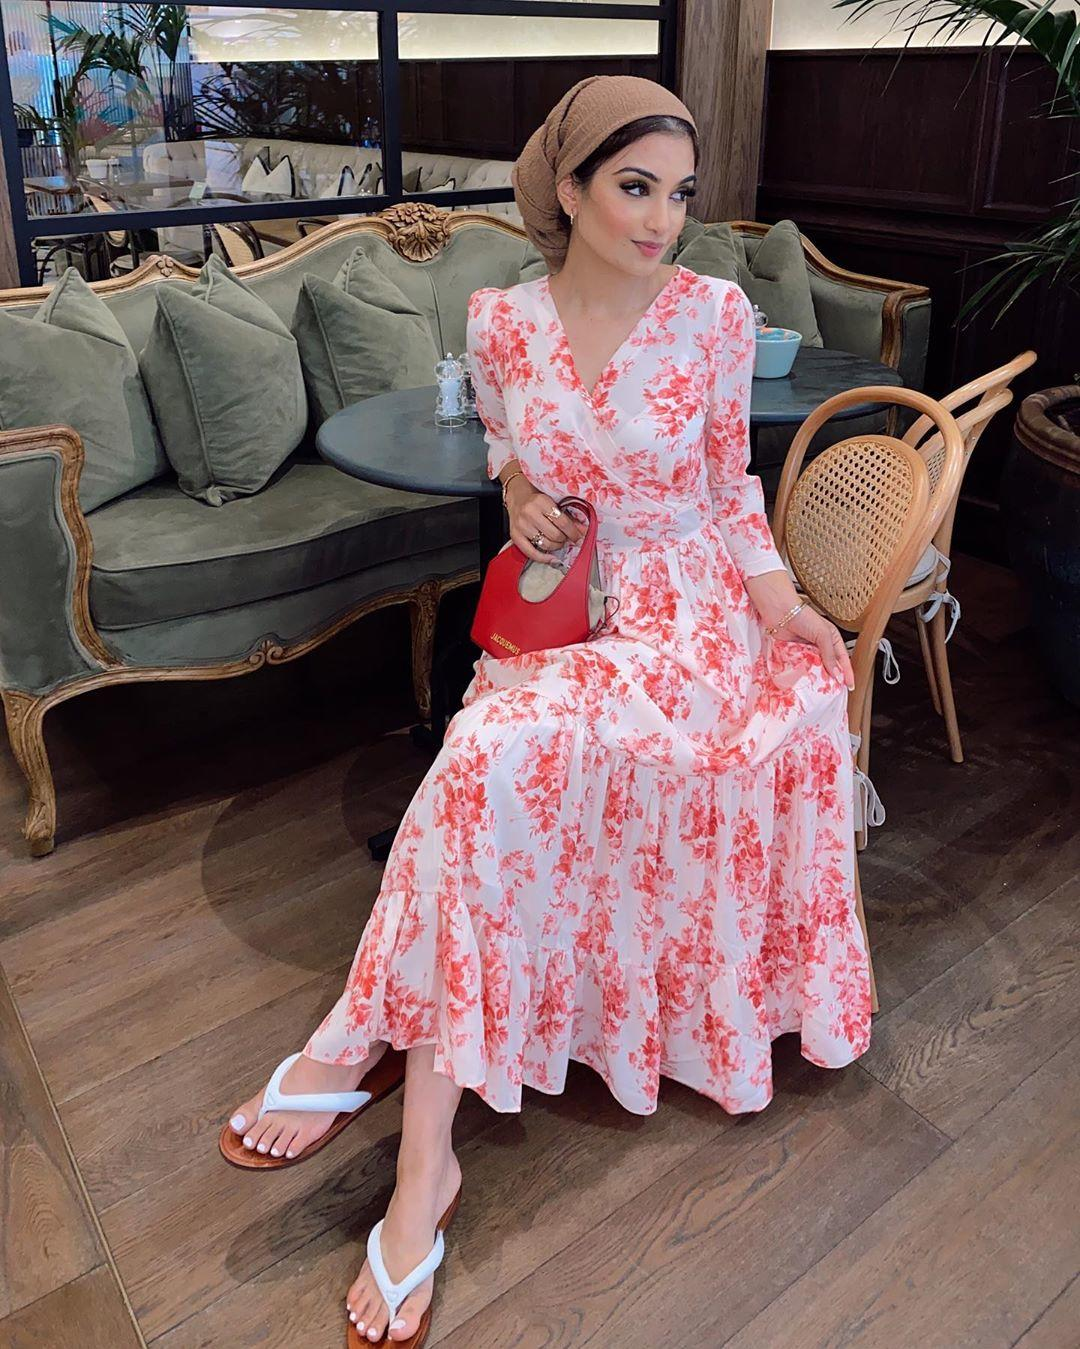 فستان باللون الأبيض بطبعة الورد باللون الأحمر نسقيه مع حجاب بلون فاتح مثل البيج.